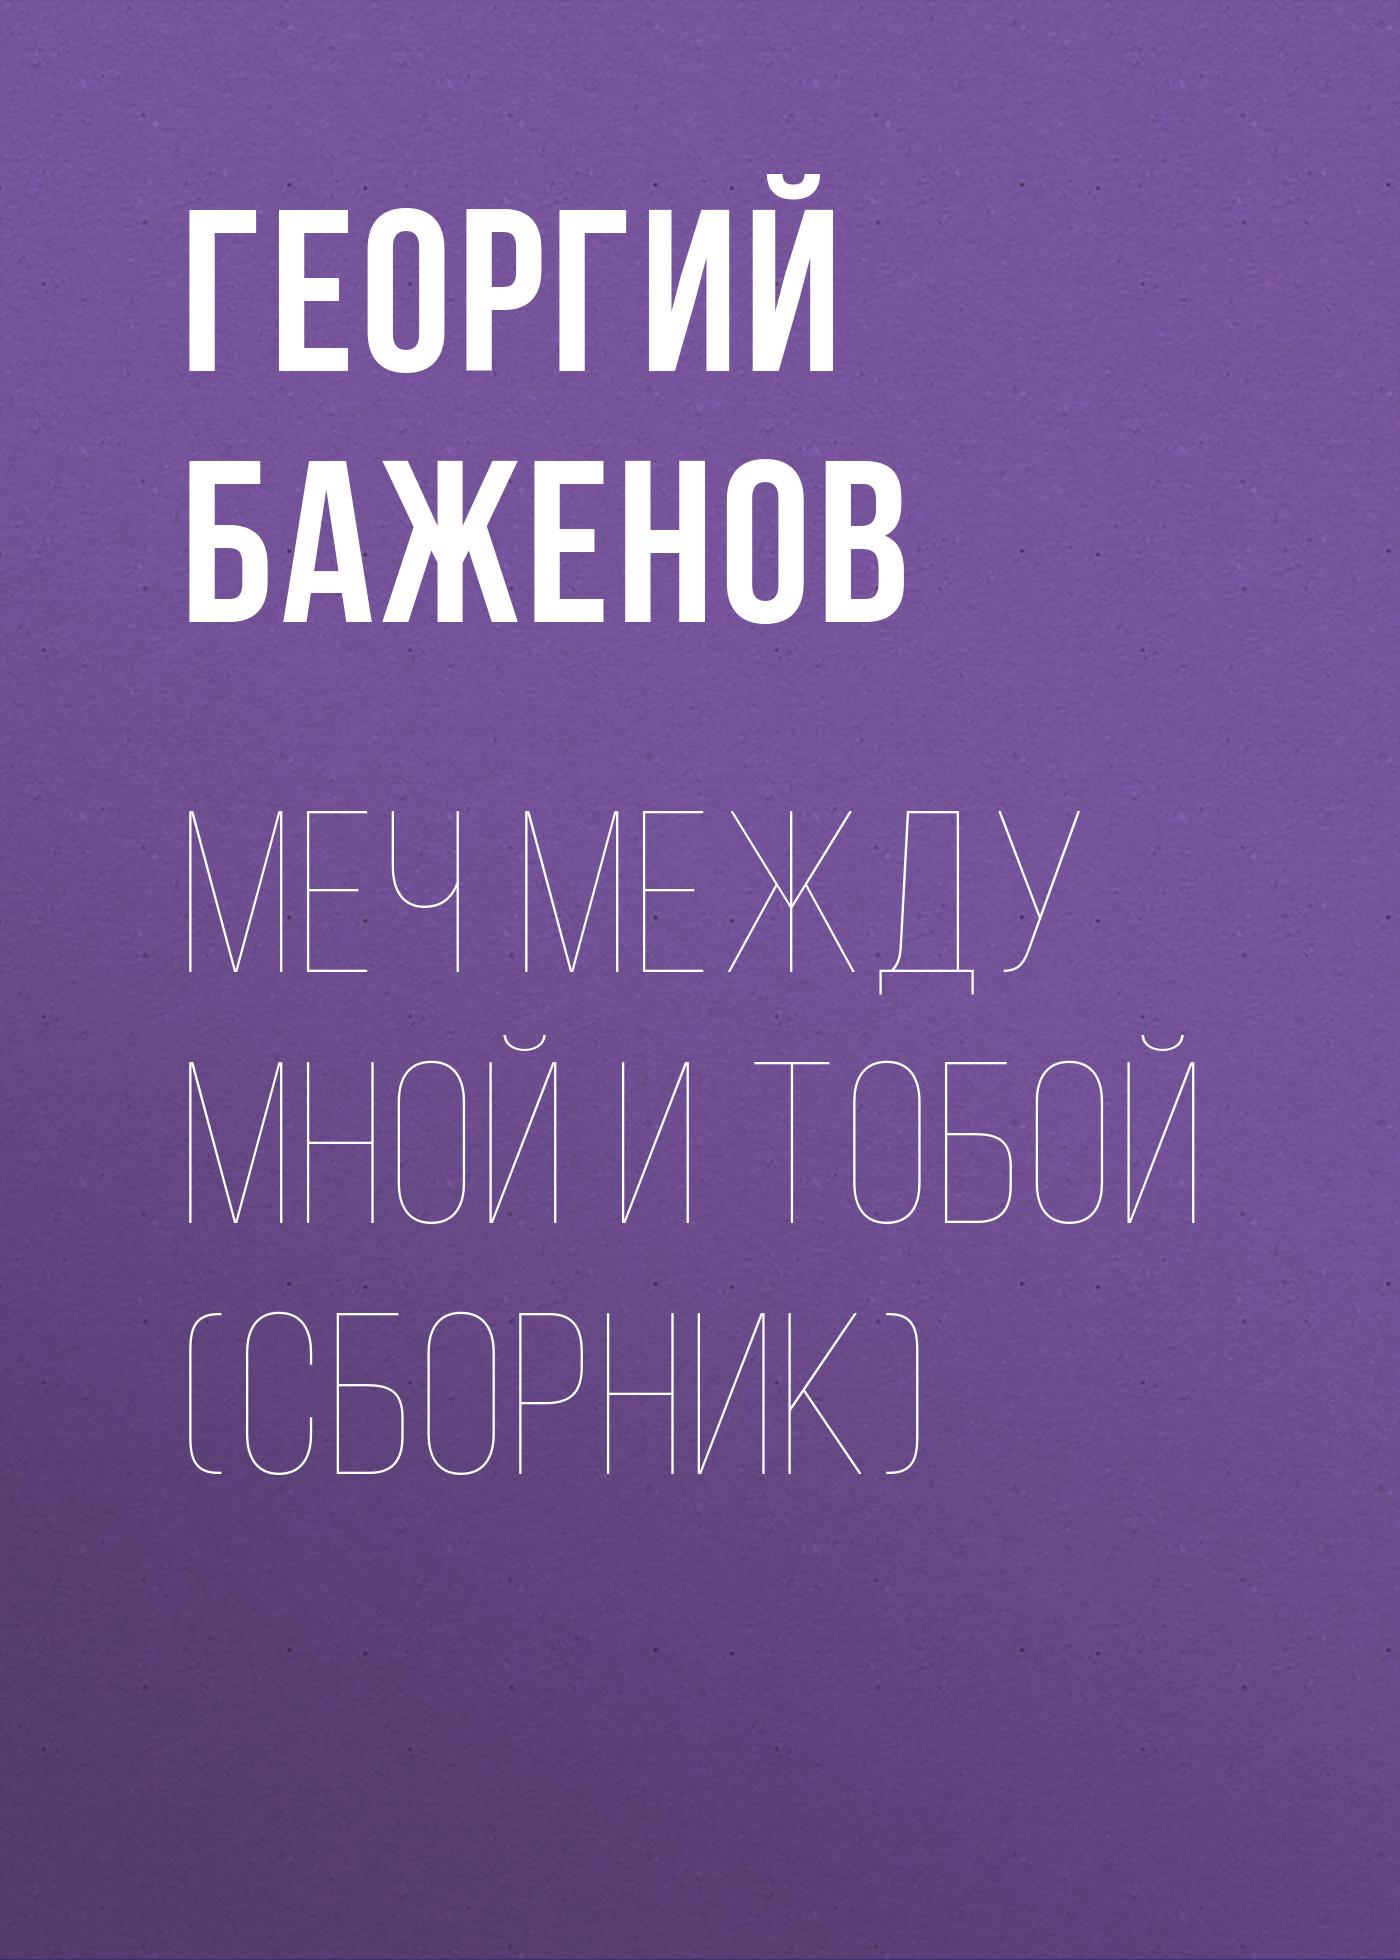 Георгий Баженов Меч между мной и тобой (сборник) баженов георгий похищение любви